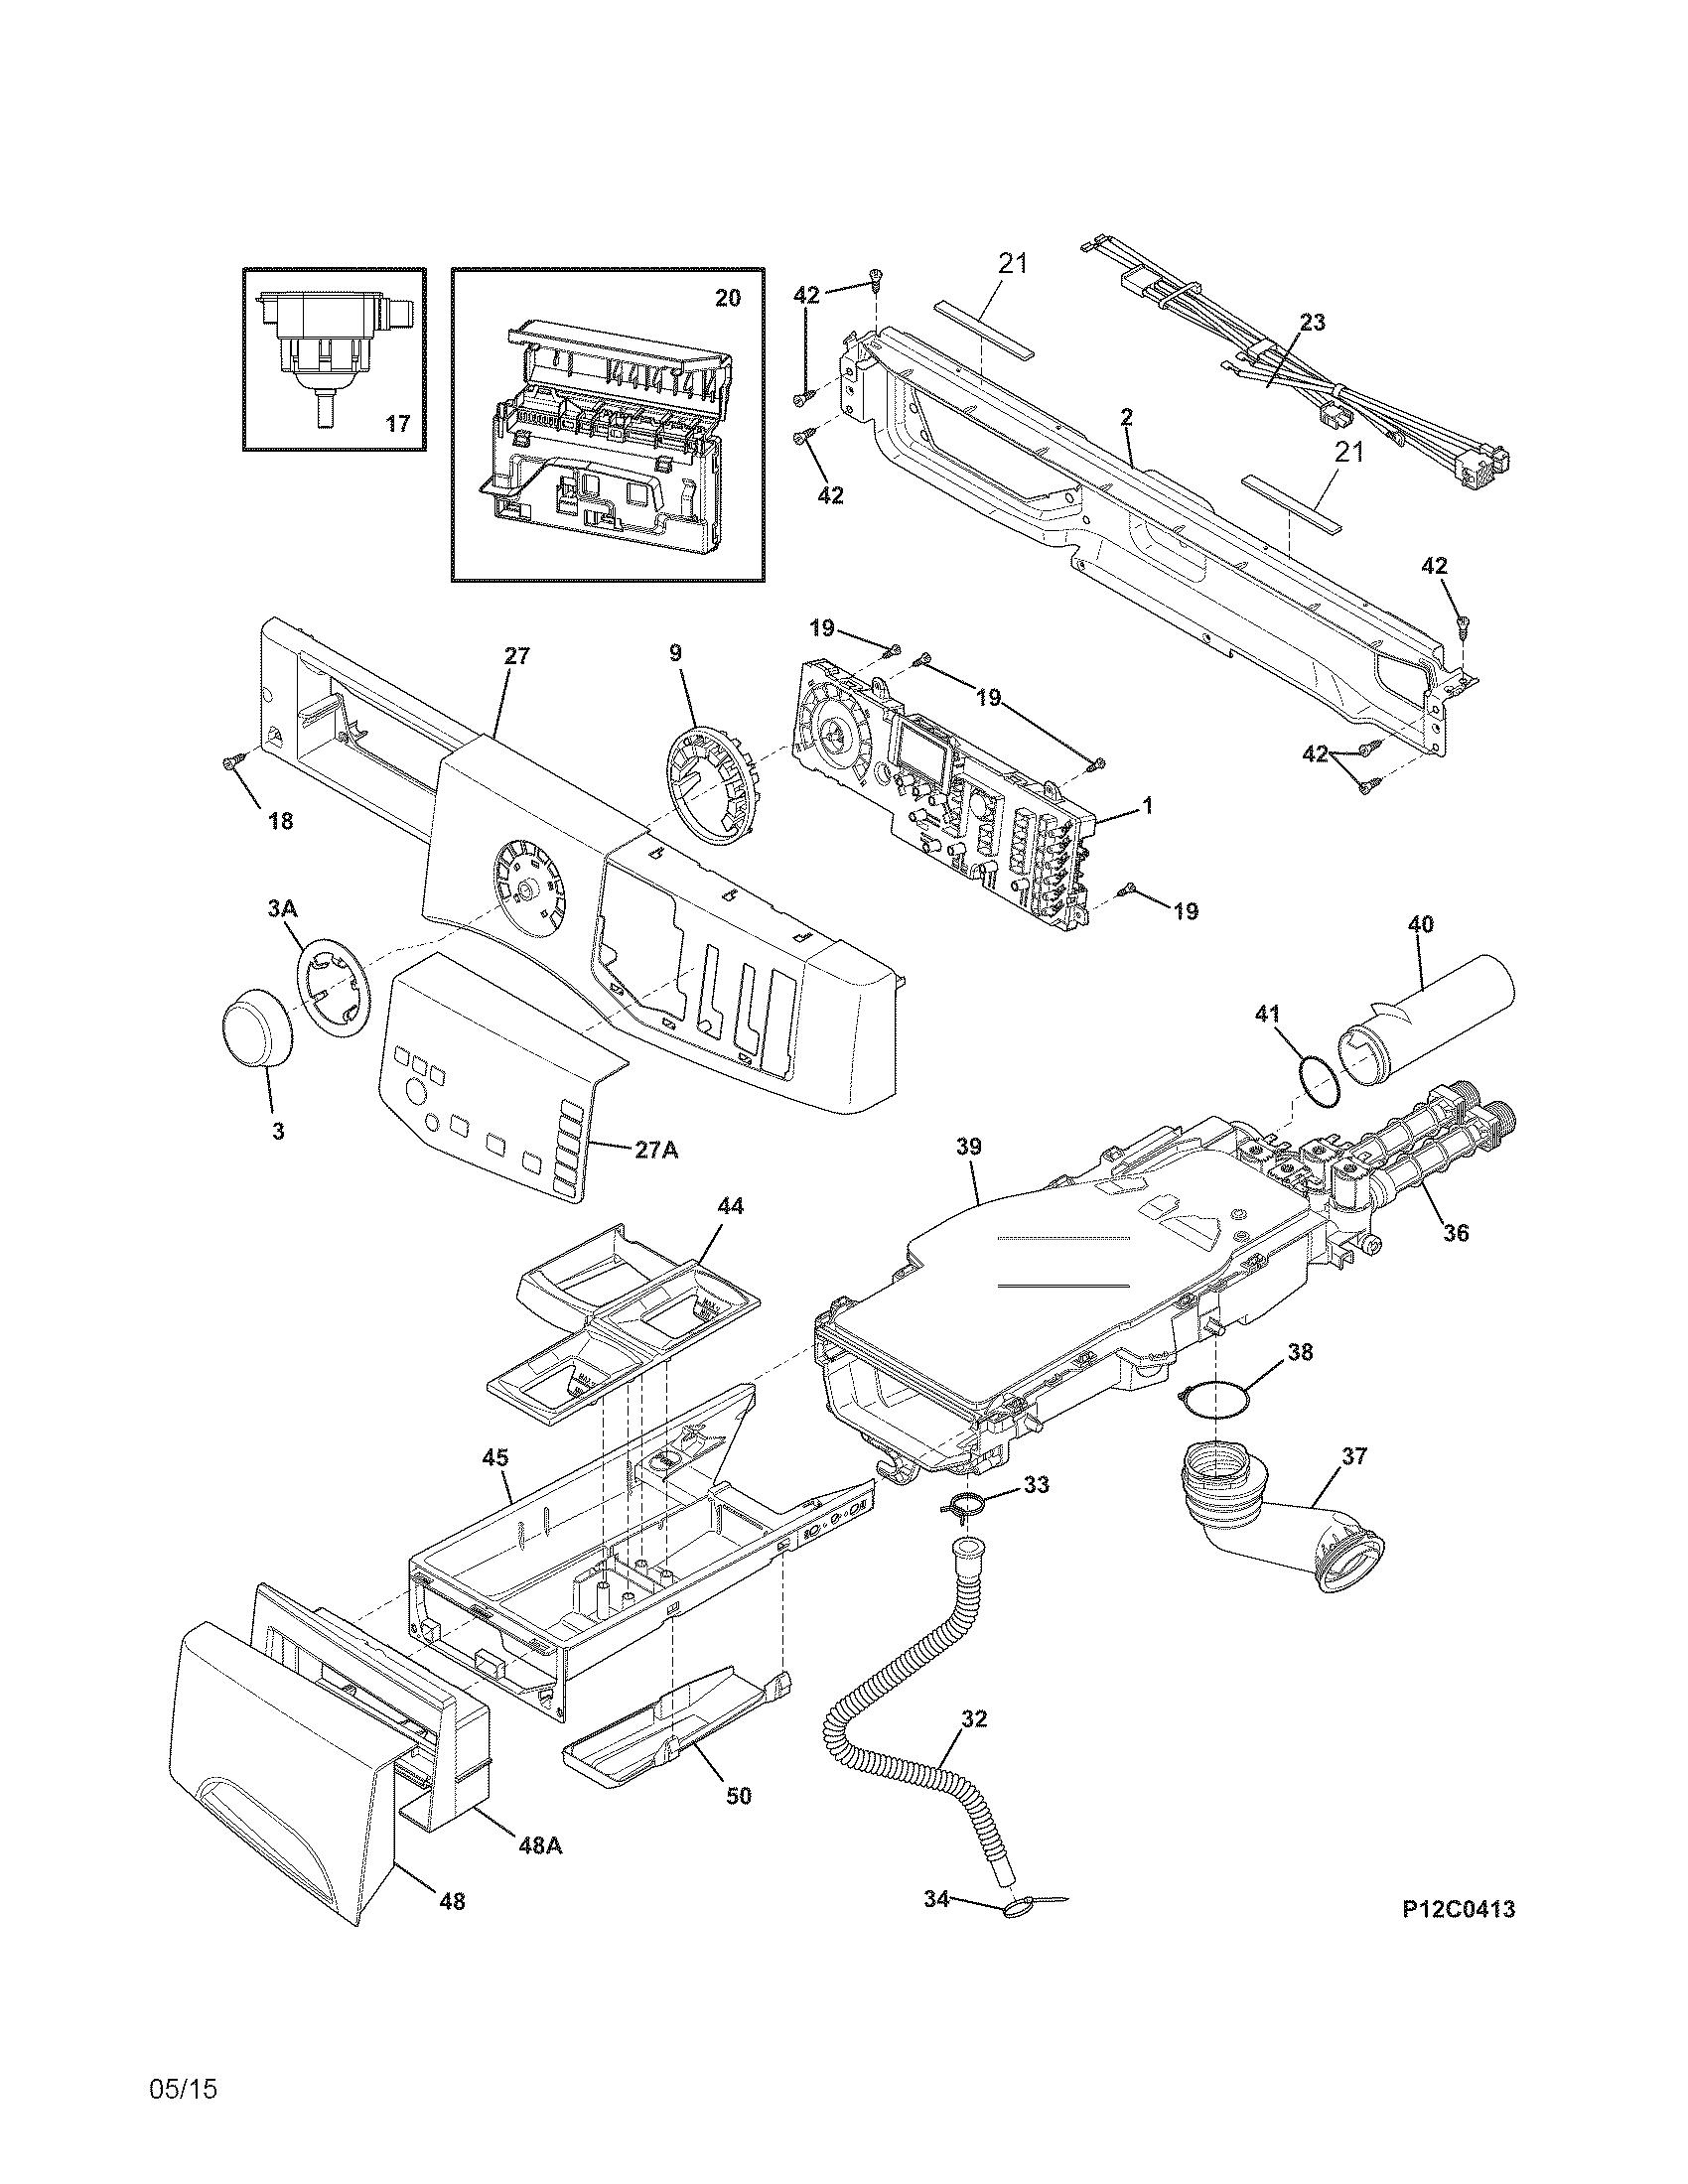 frigidaire washer schematic